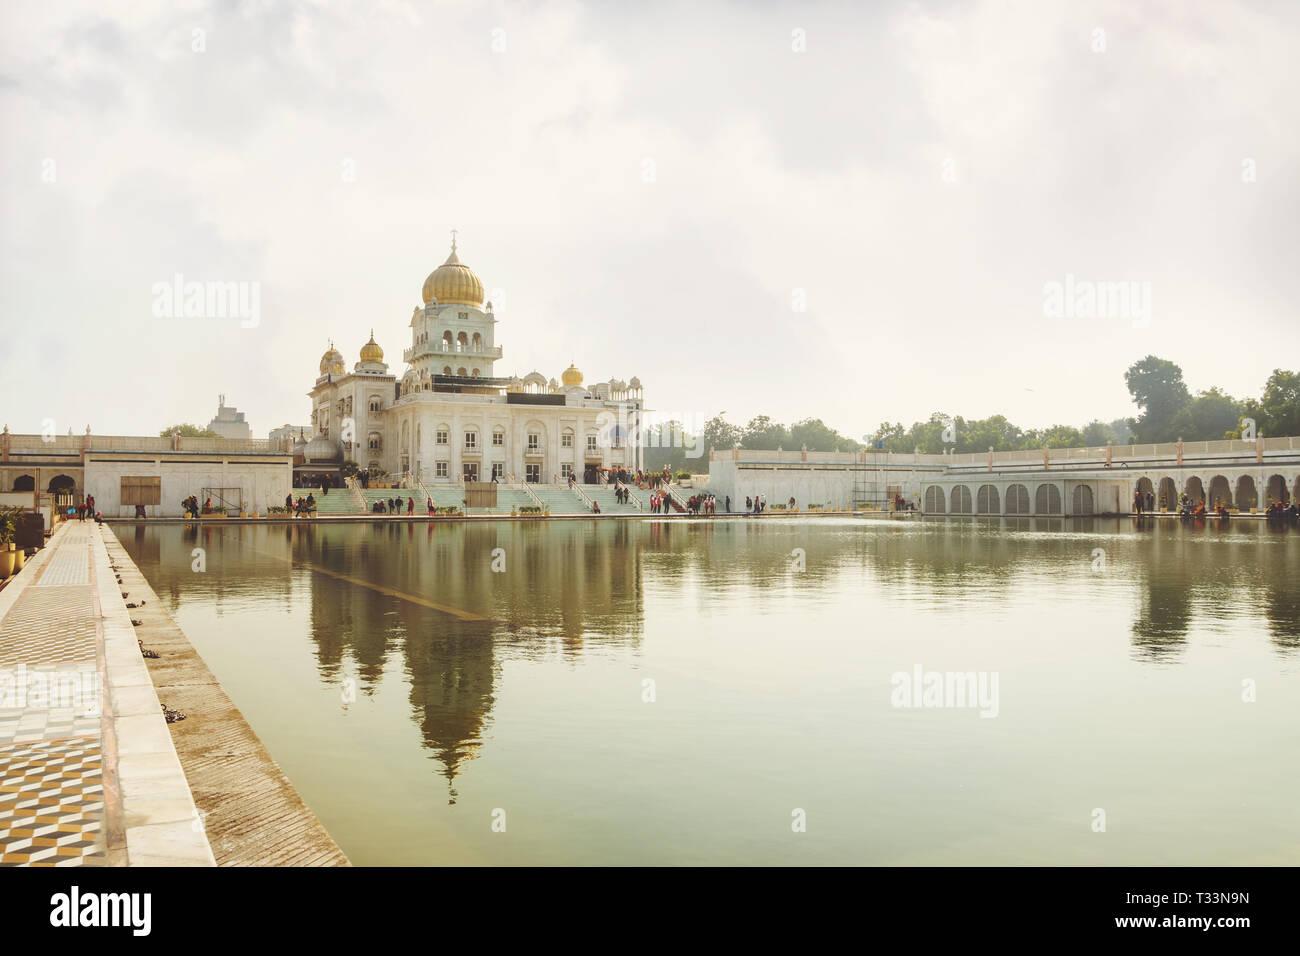 Gurdwara Bangla Sahib è il più prominente Gurdwara Sikh. Un luogo sacro della religione sikhi. Cupola dorata del tempio di colore giallo brillante sun. Una lar Foto Stock